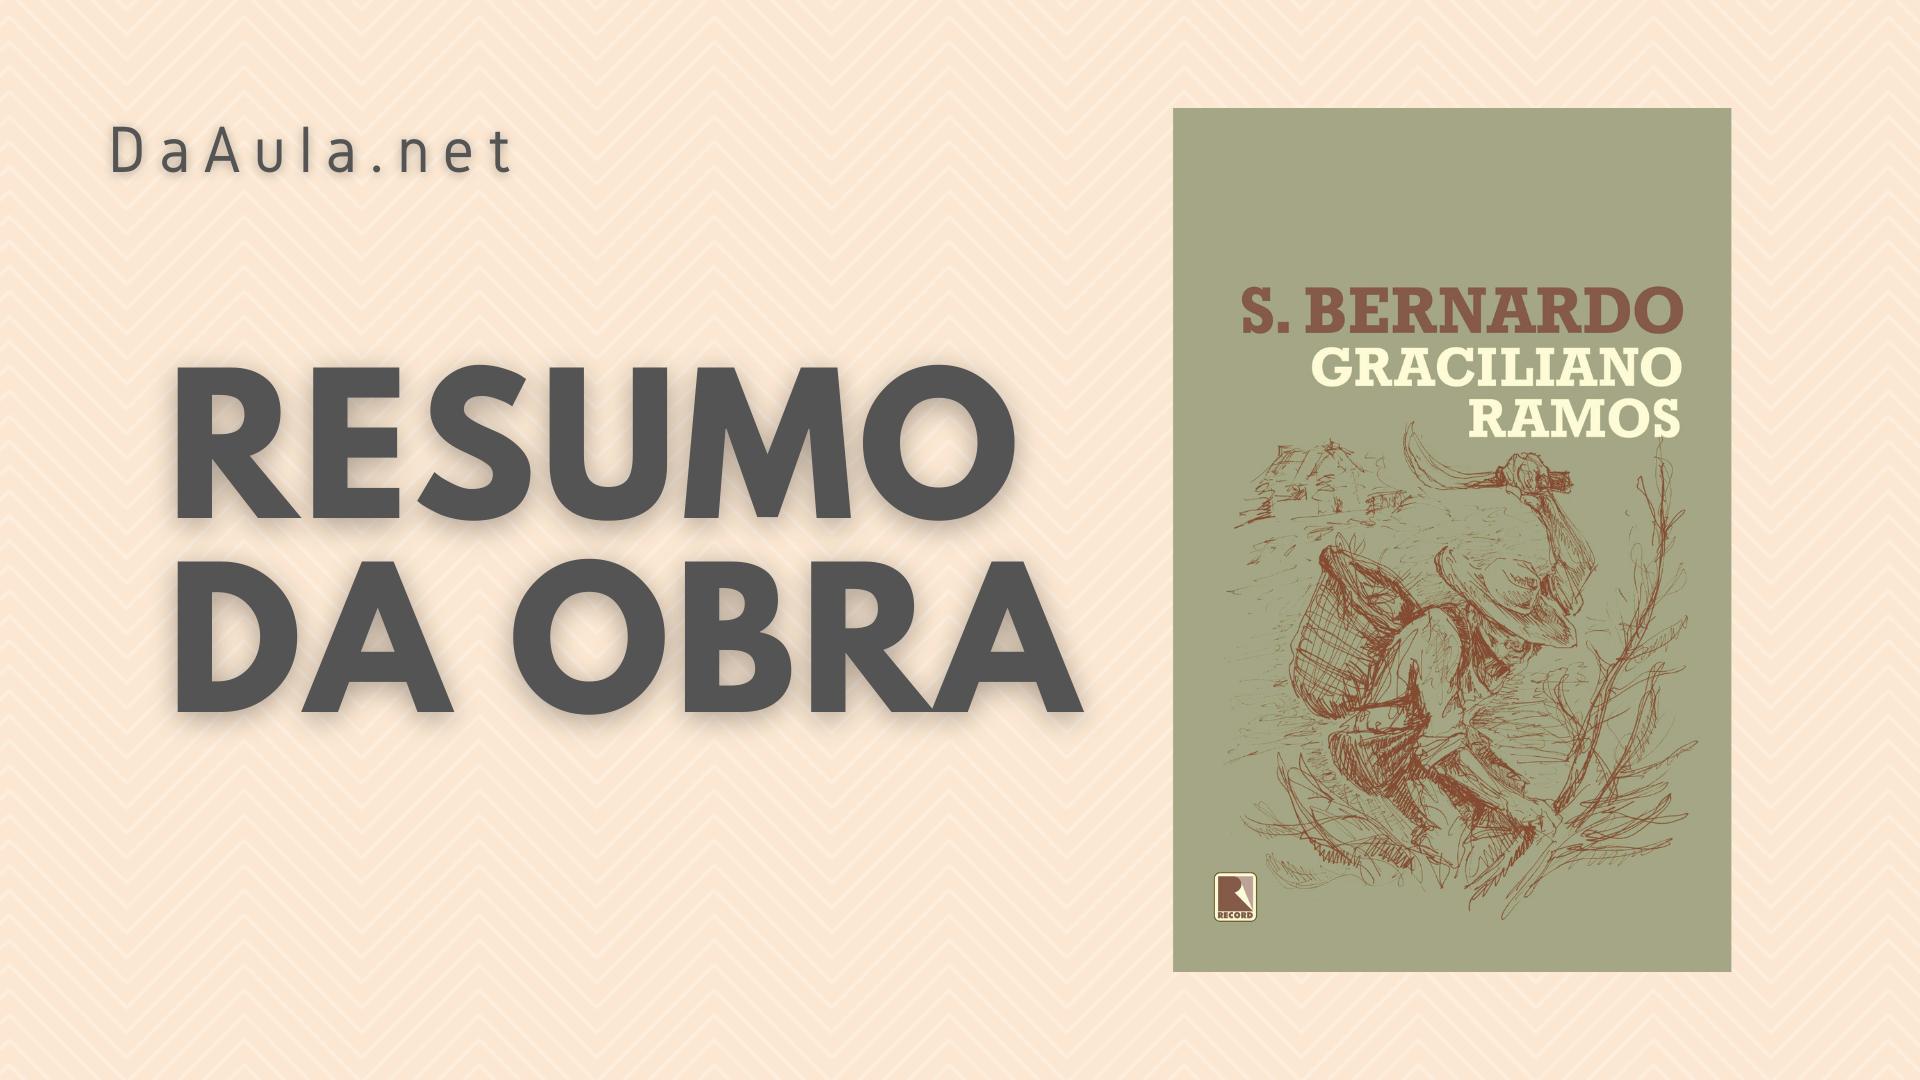 São Bernado de Graciliano Ramos: Resumo da Obra